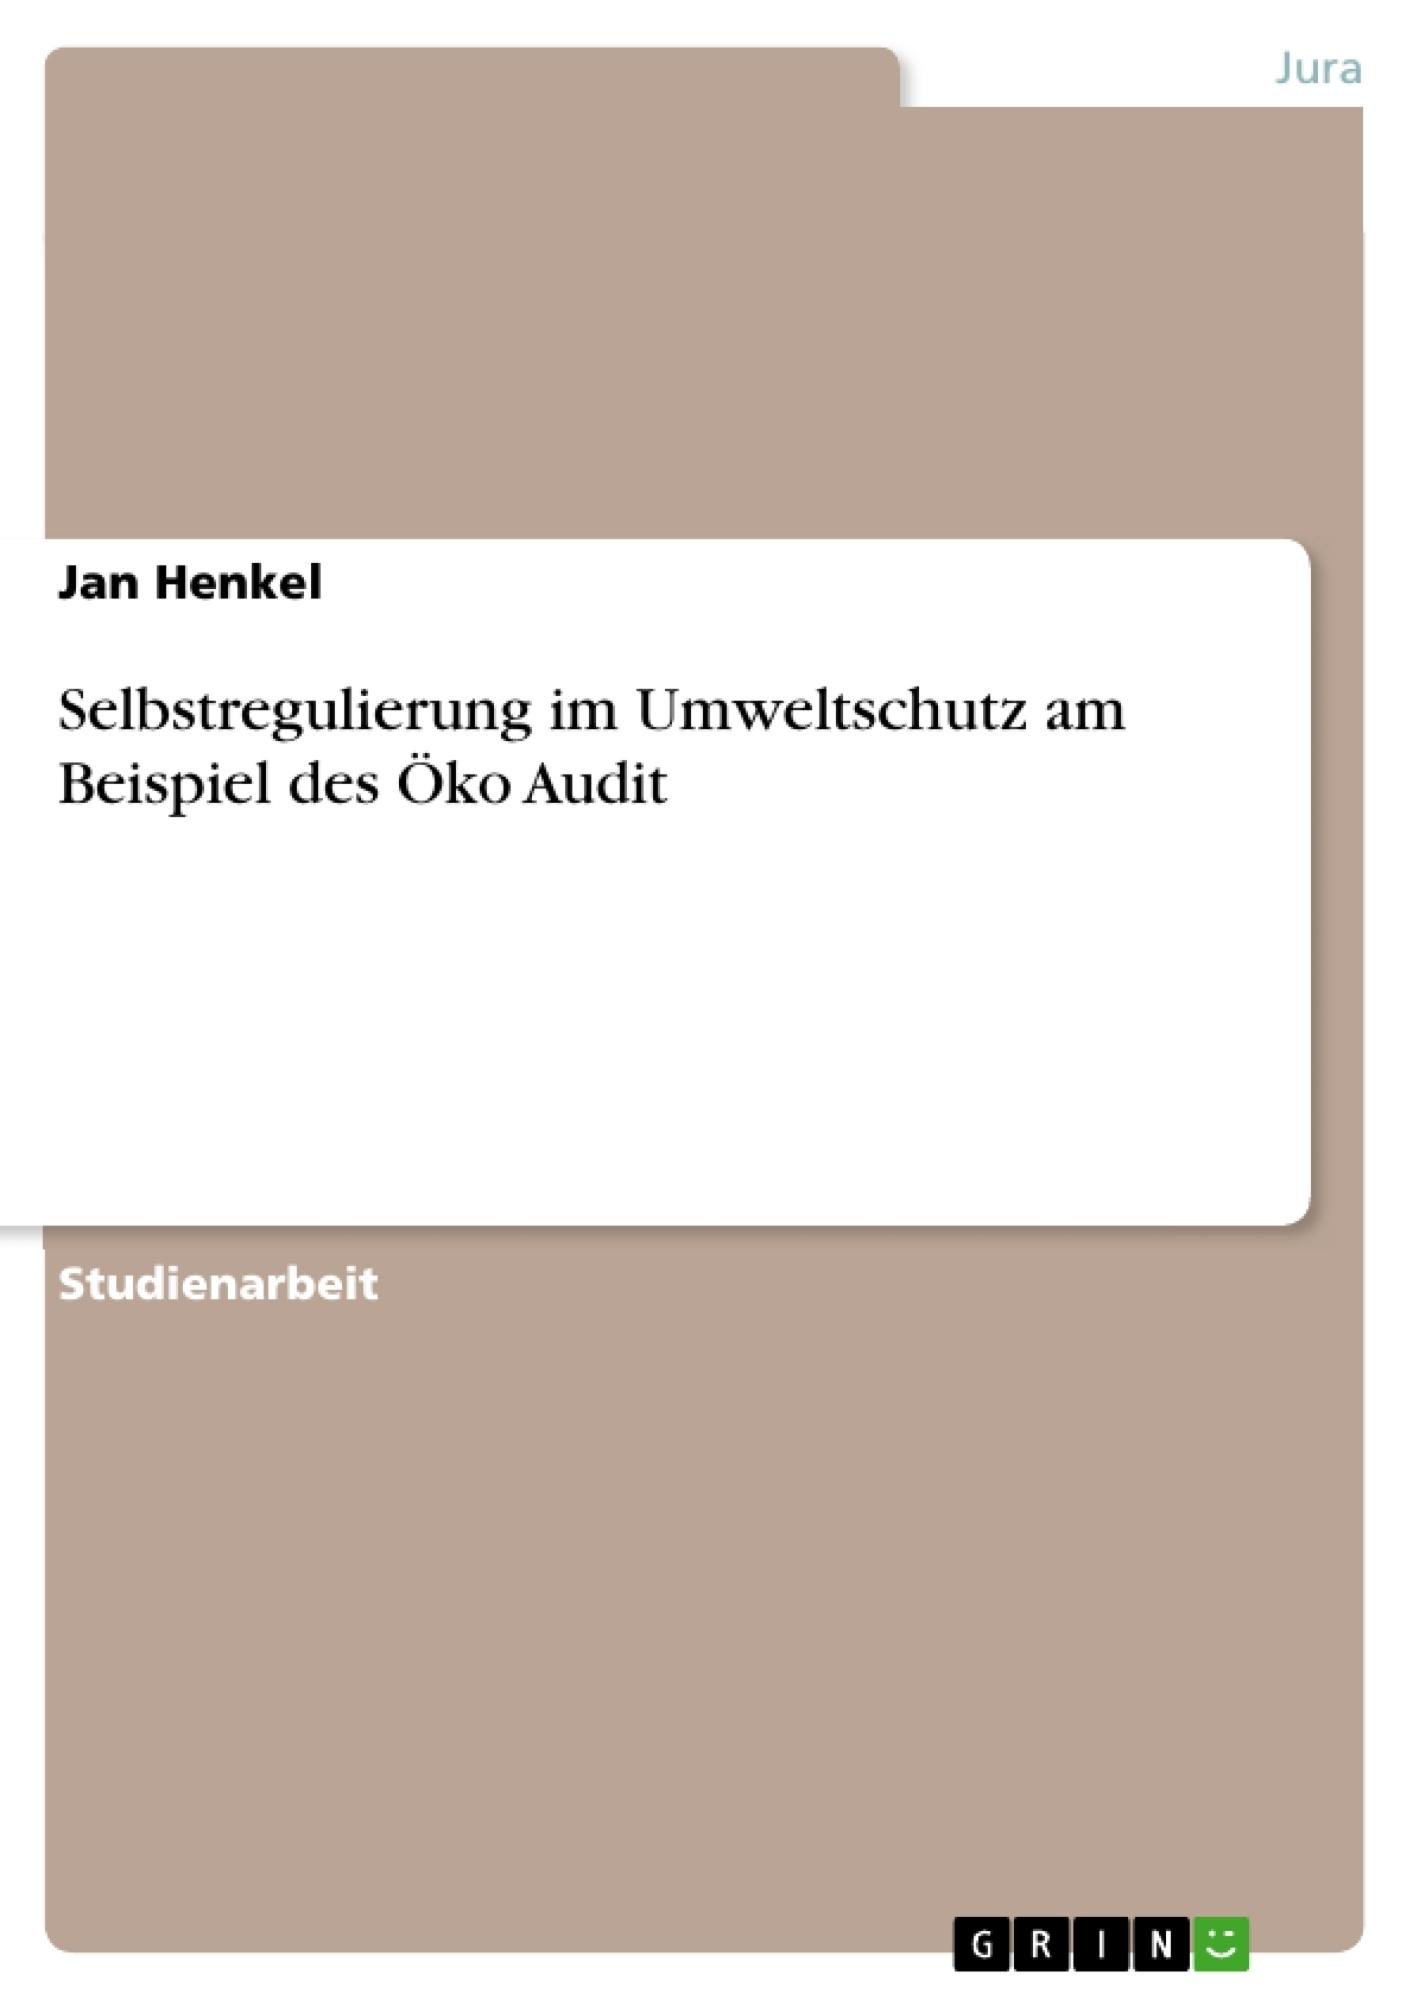 Titel: Selbstregulierung im Umweltschutz am Beispiel des Öko Audit